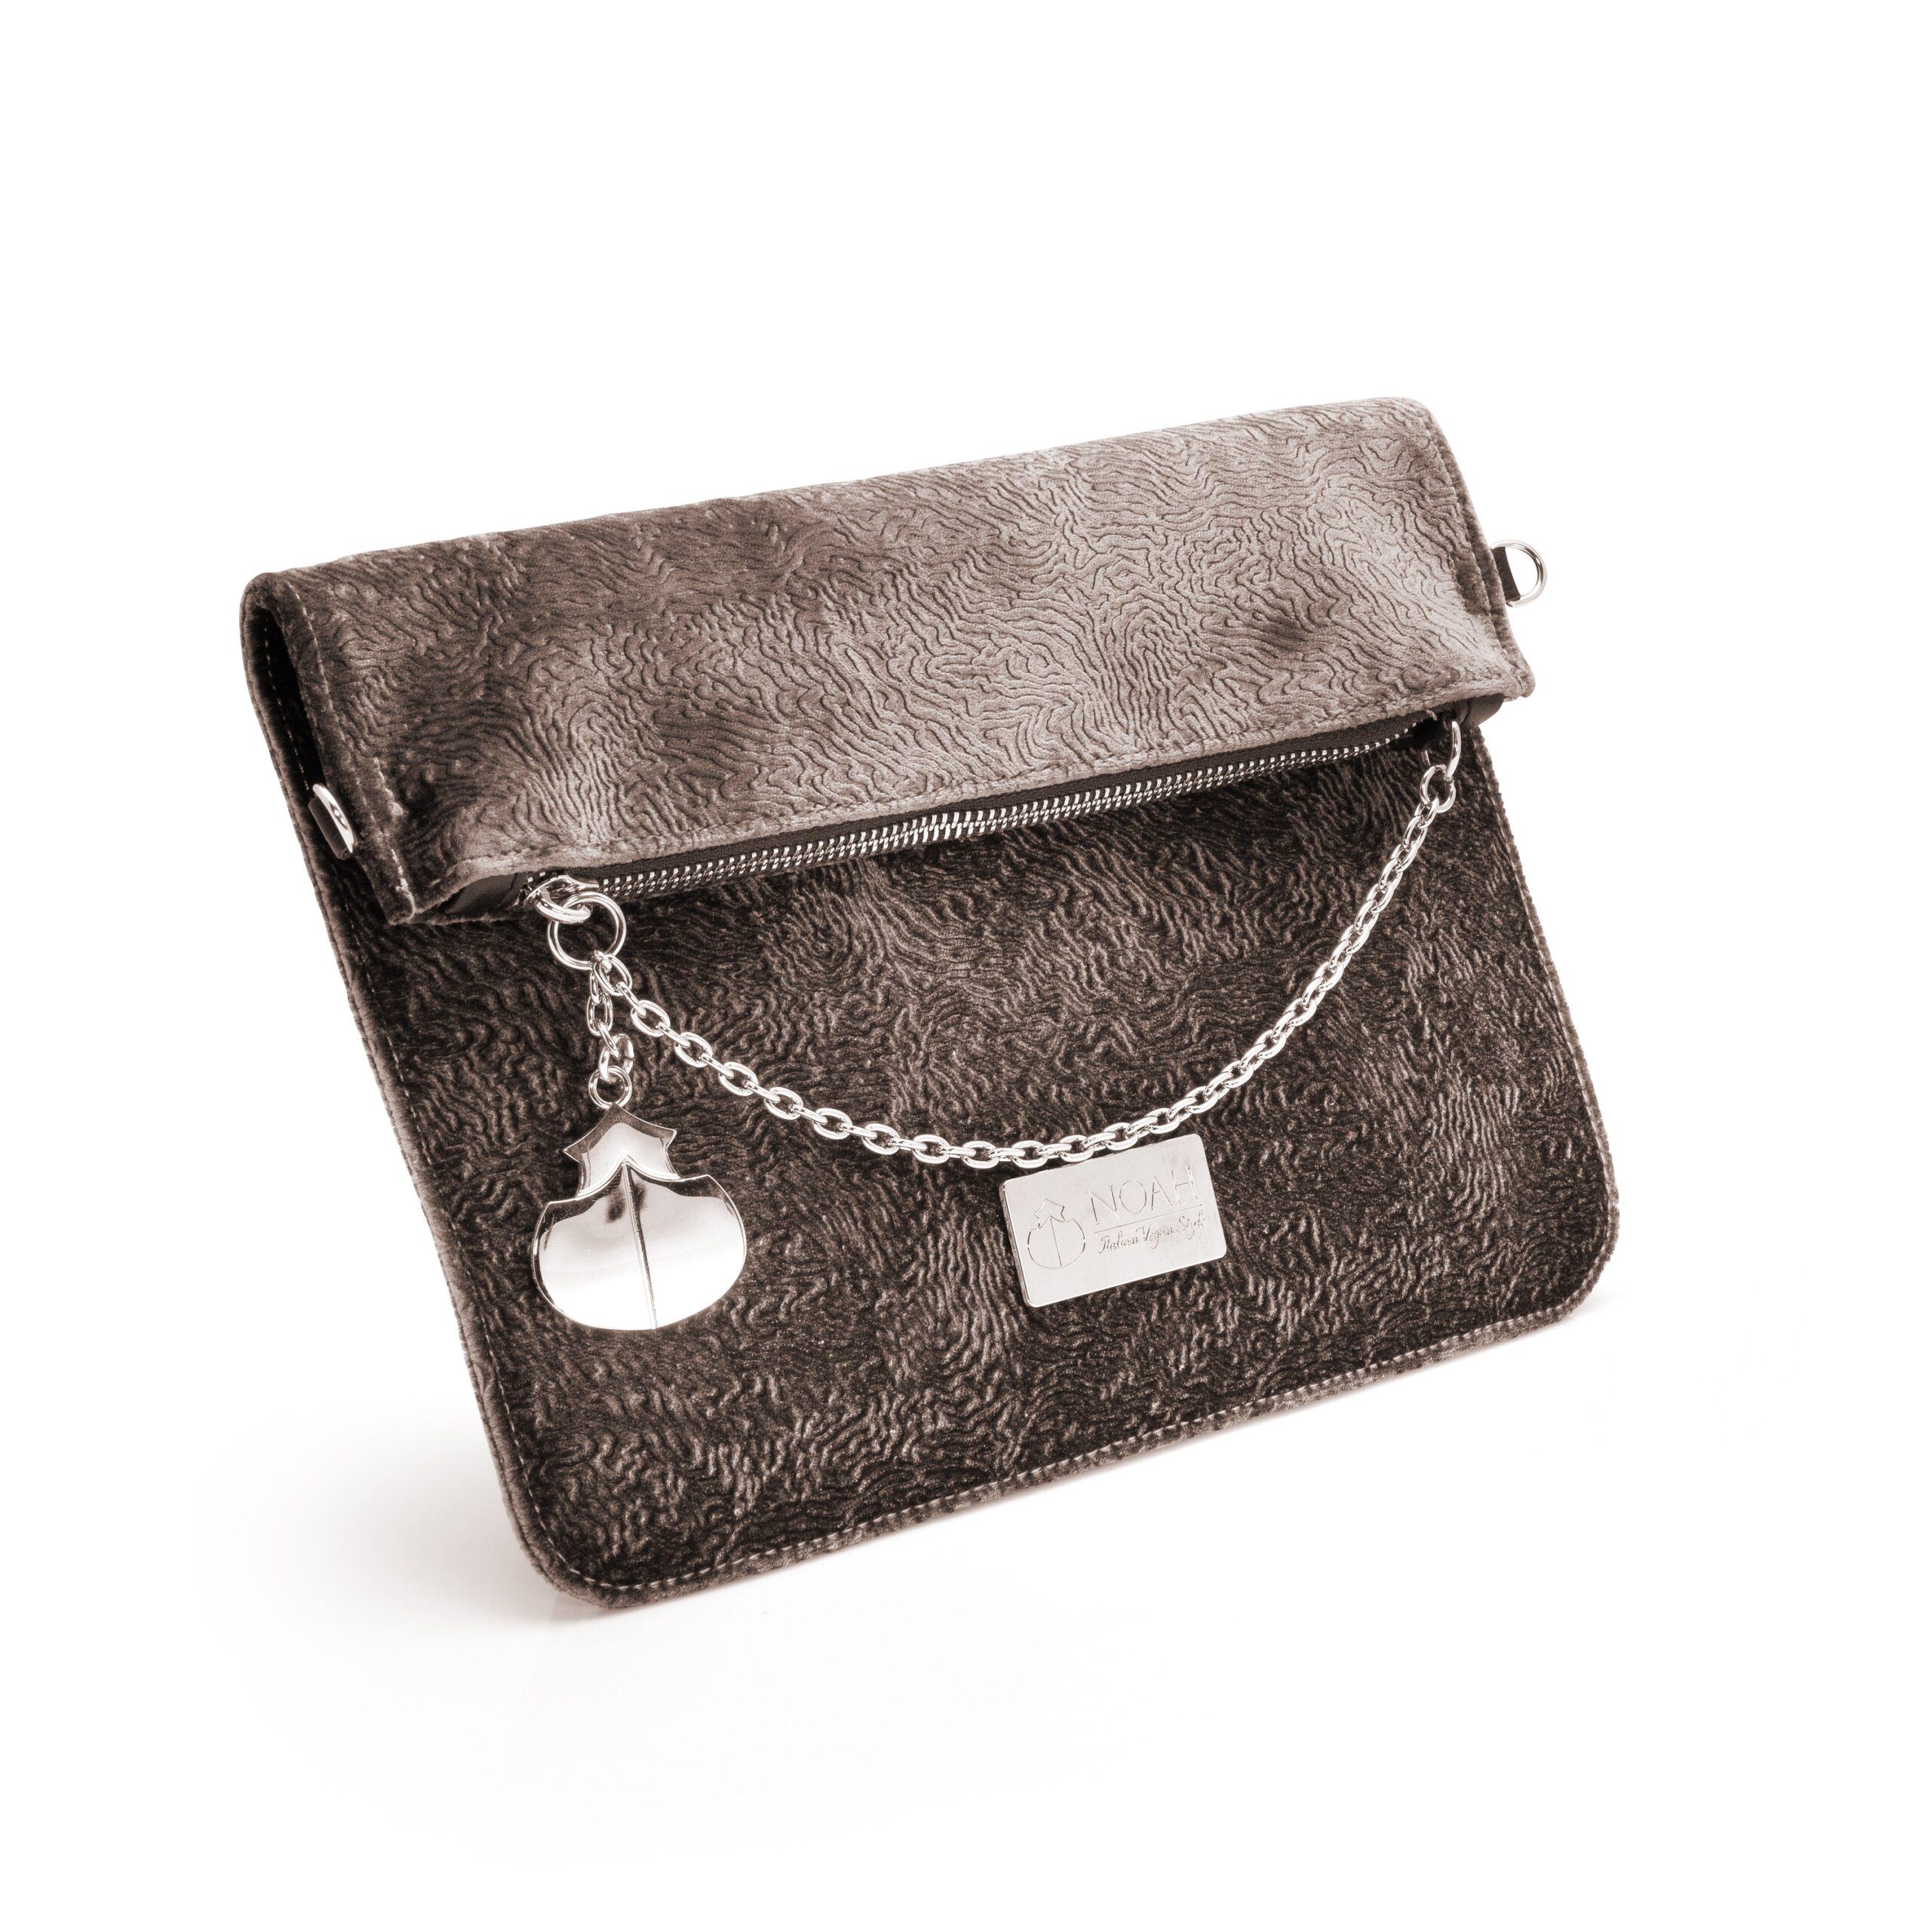 DAS PRODUKTFOTO Handtaschen Damen professioneller Fotograf Profi Produktbilder für AMAZON Onlineshop FBA Marketing Damenhandtaschen Produktfotograf